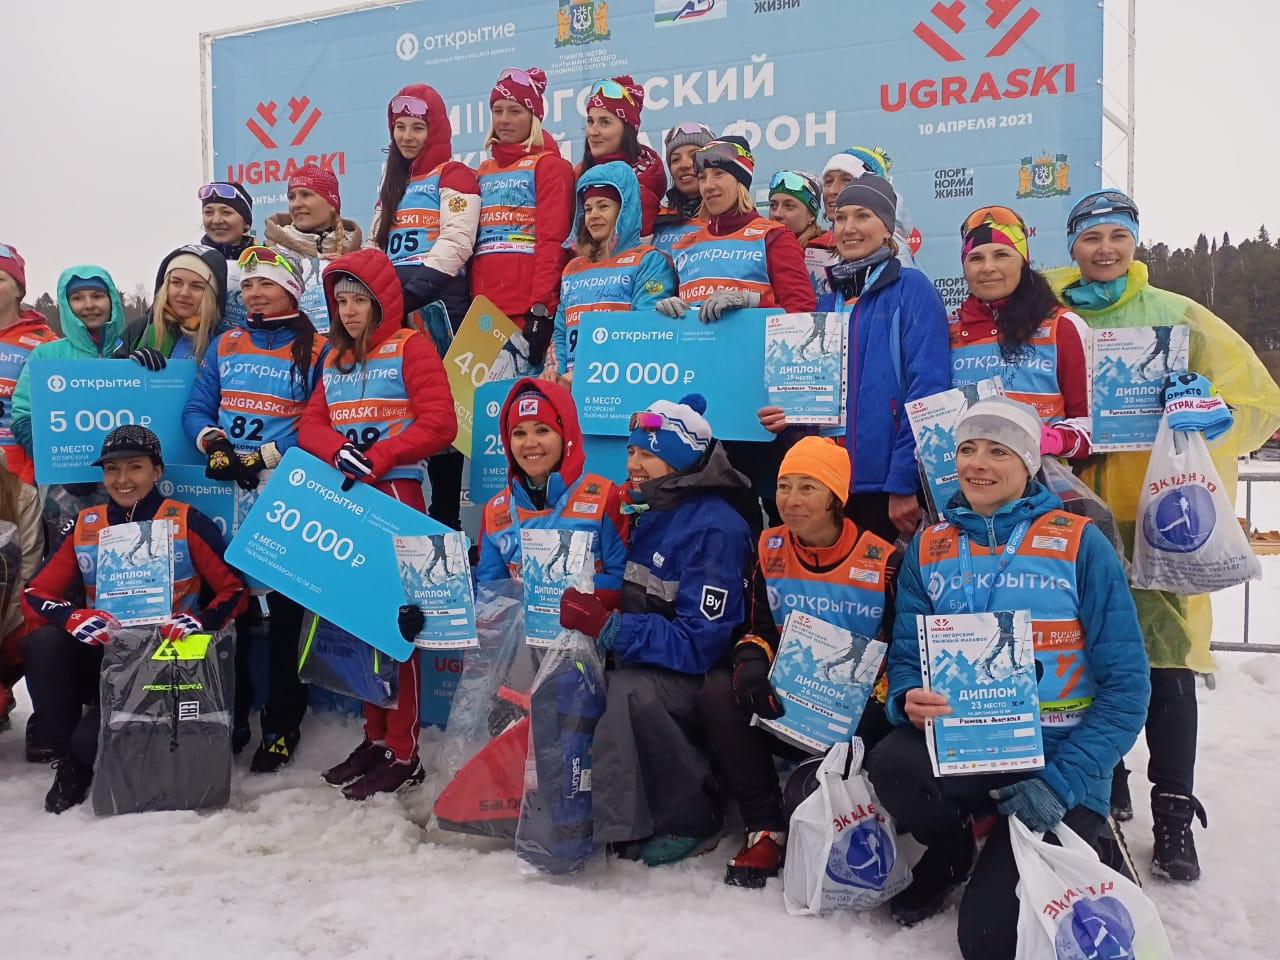 Югорском лыжном марафоне